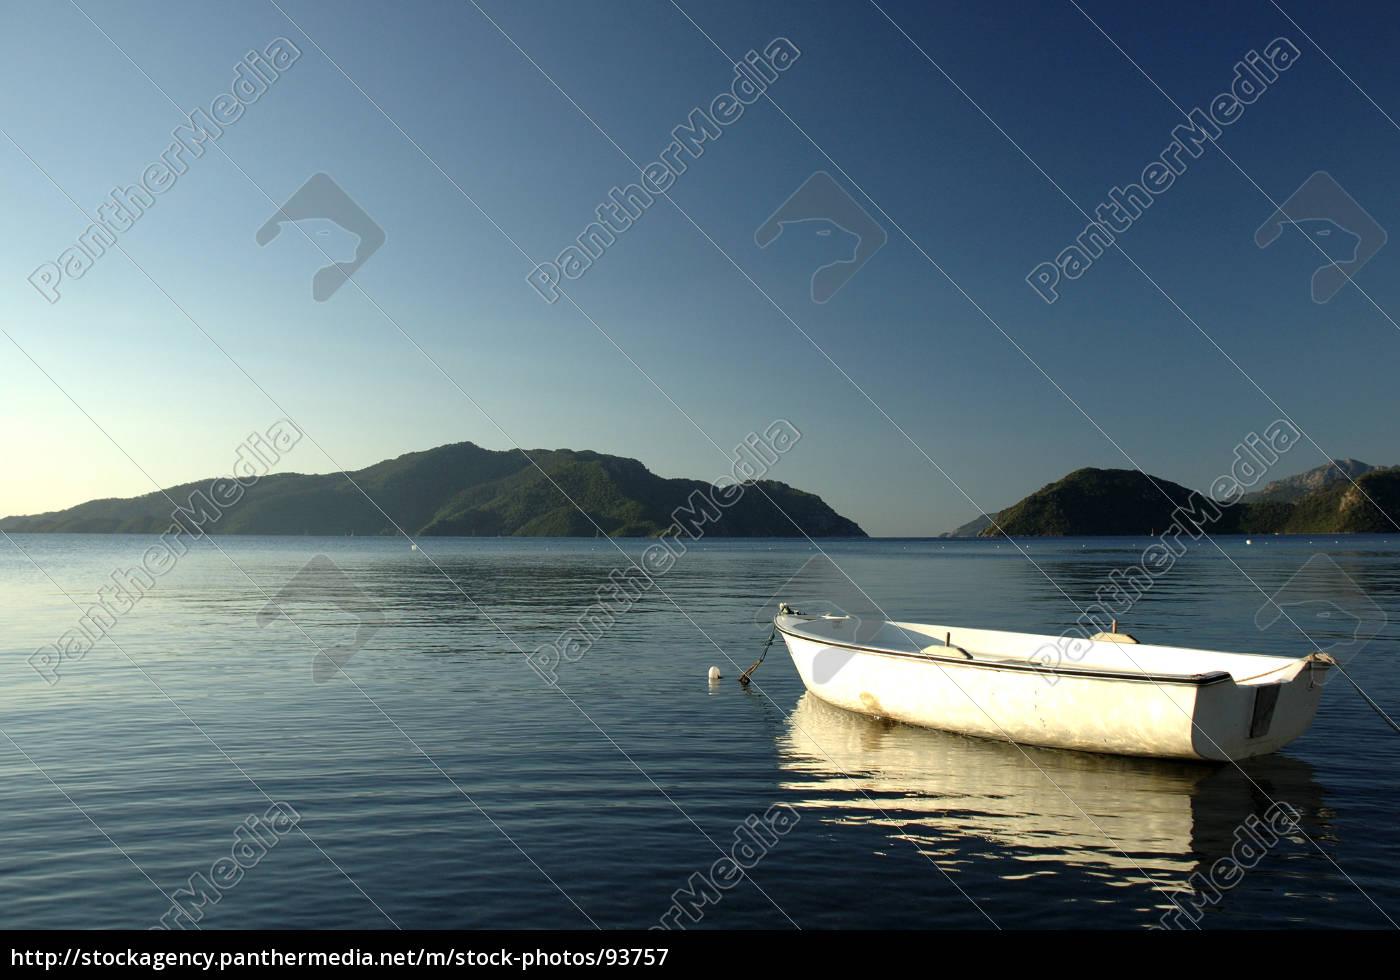 boat, in, the, sea - 93757